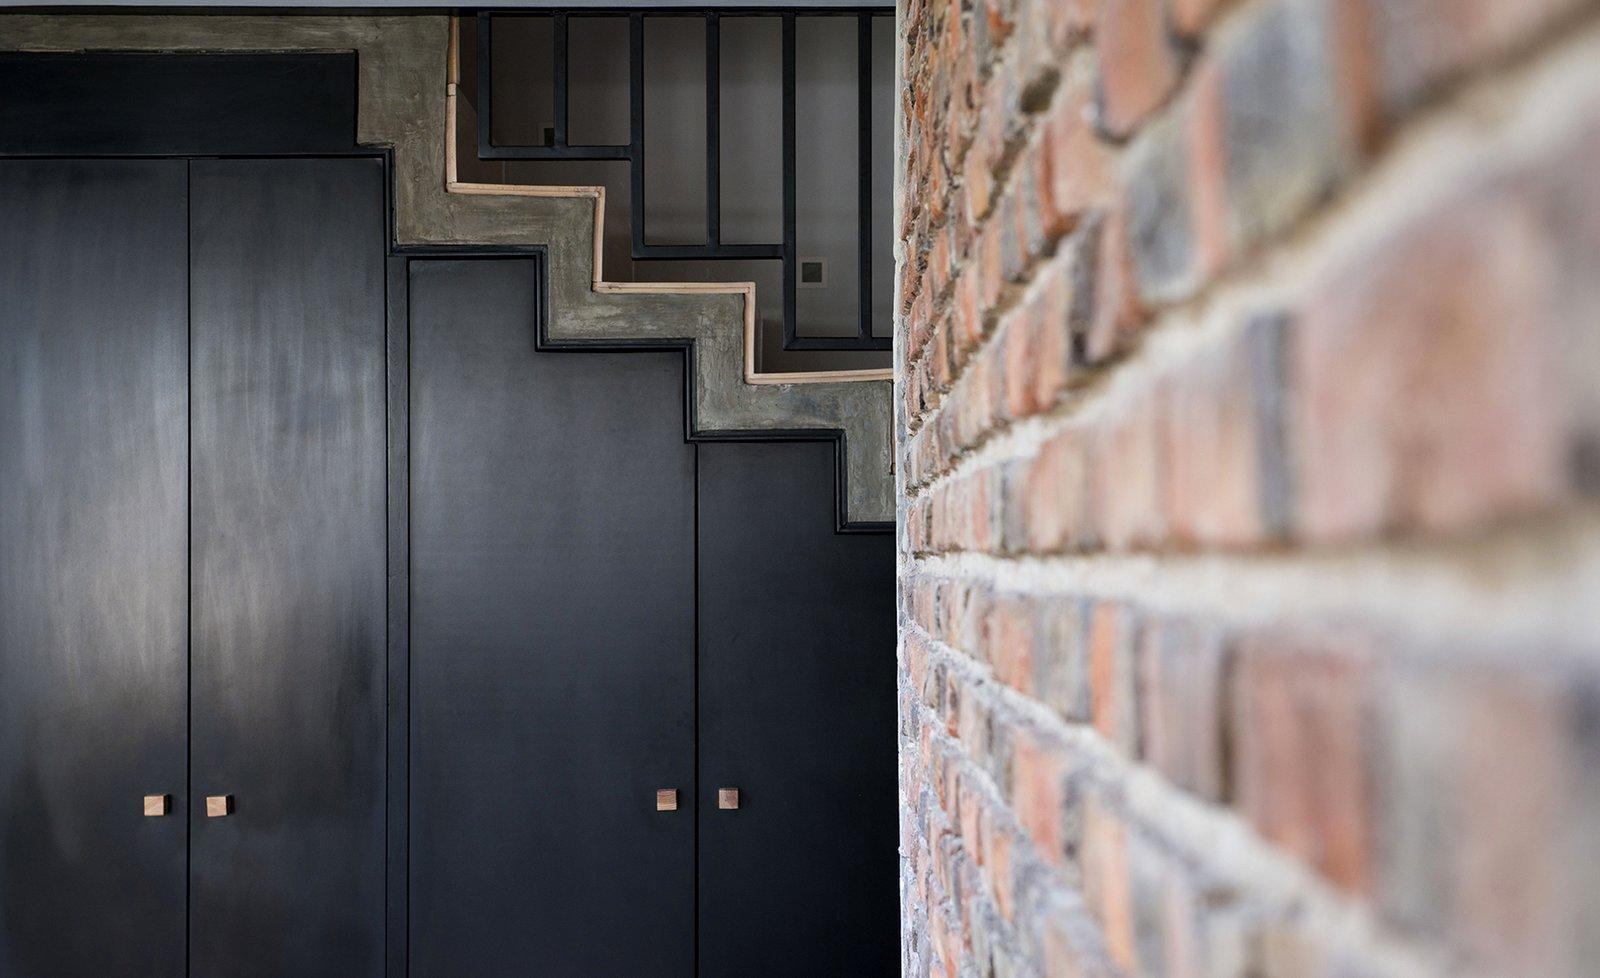 Detail - Under stairs Closet